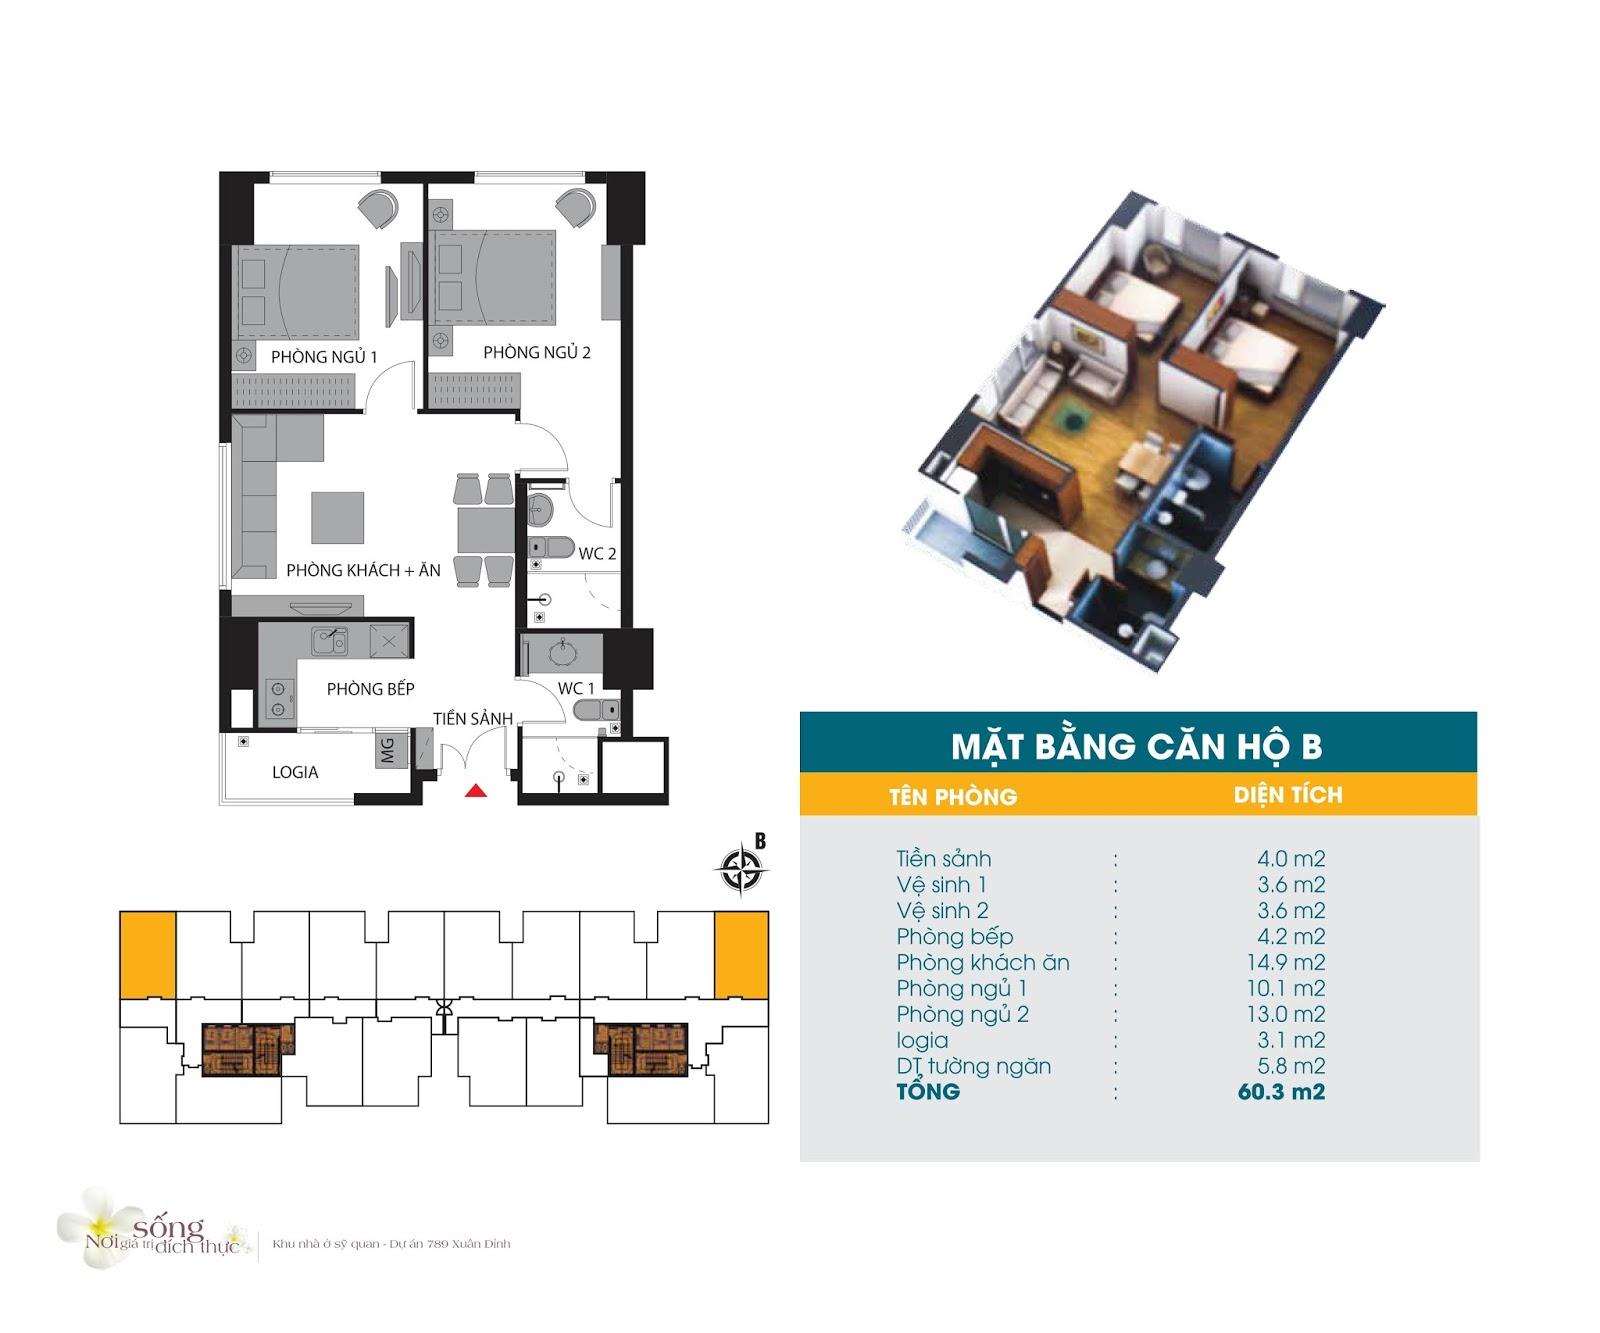 Thiết kế căn hộ 60.3m2 Chung cư 789 Xuân Đỉnh